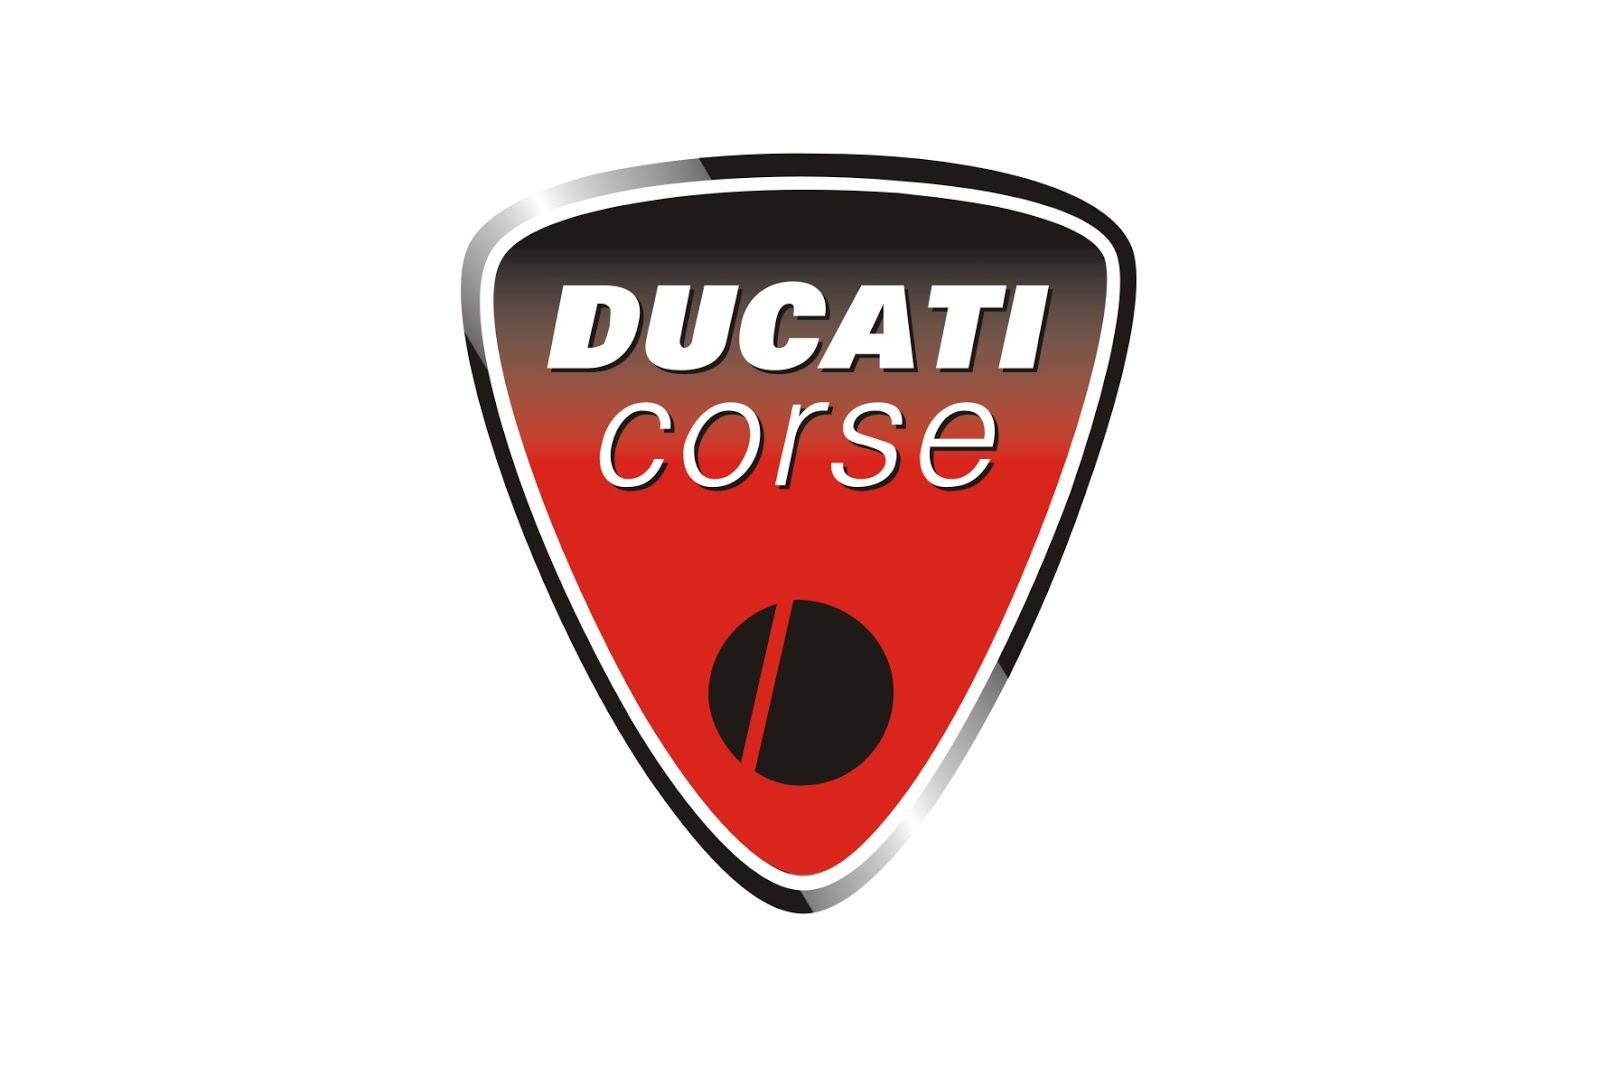 Ducati Corse Emblem